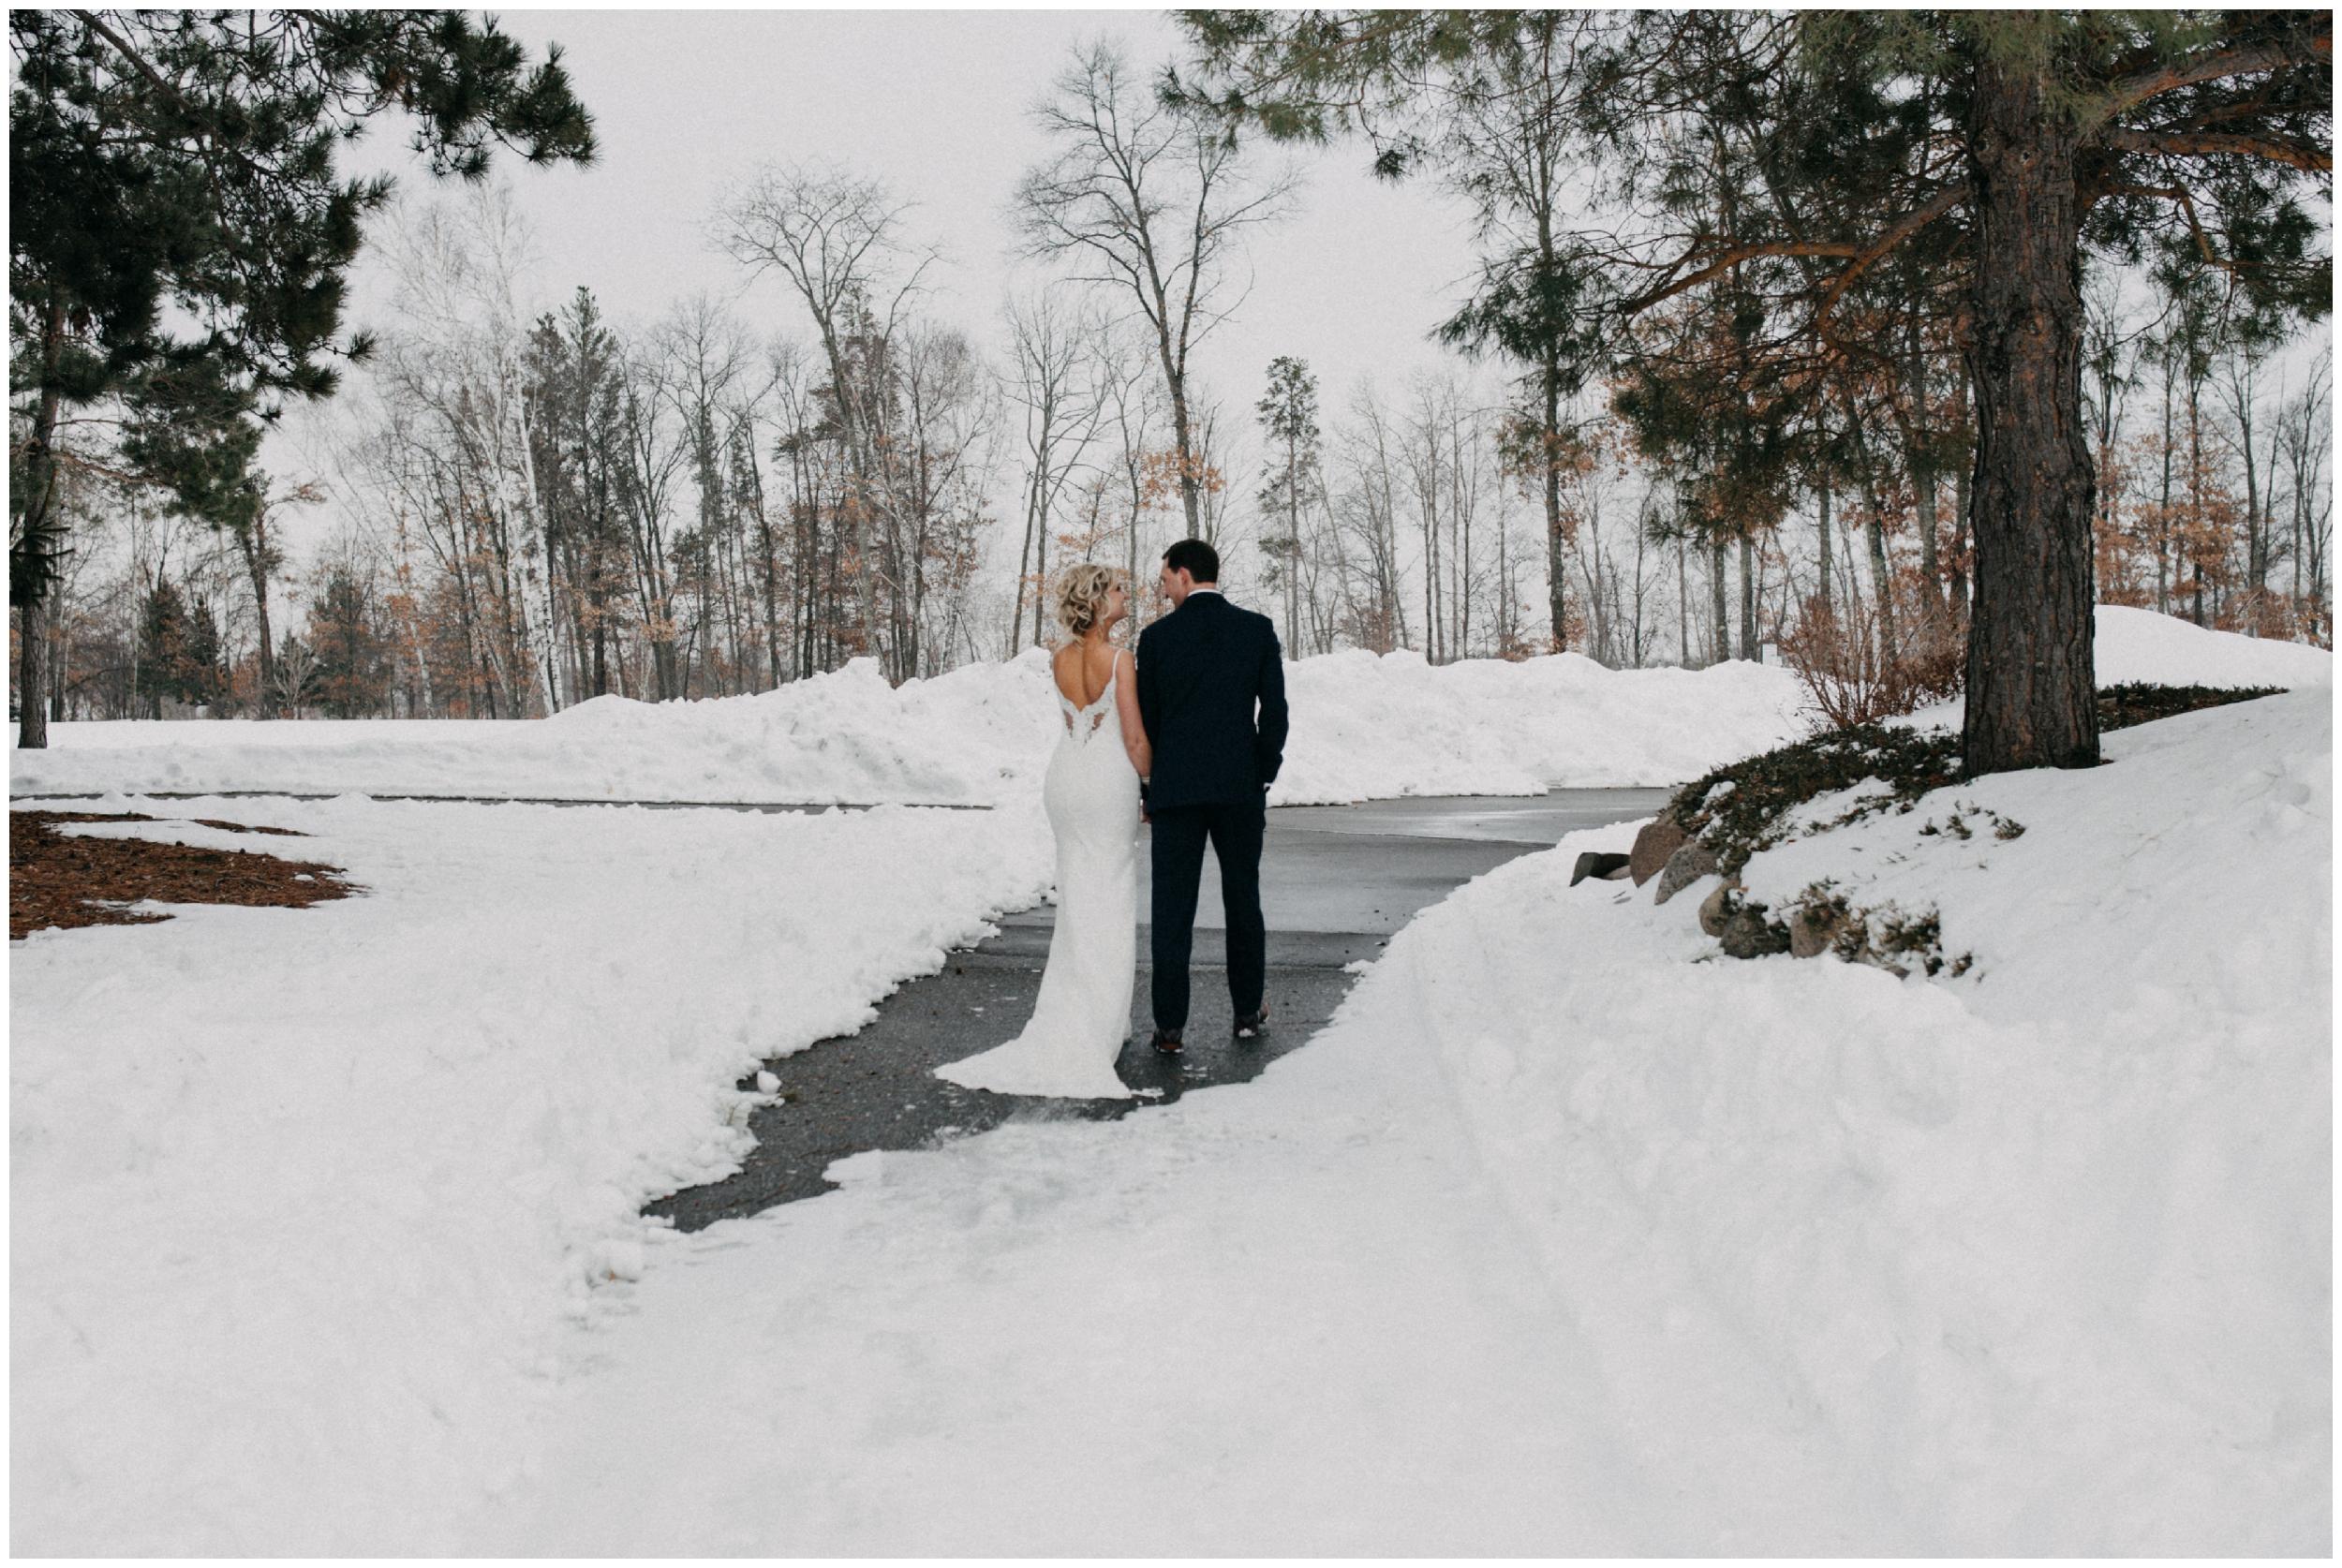 Cragun's resort winter wedding by Britt DeZeeuw